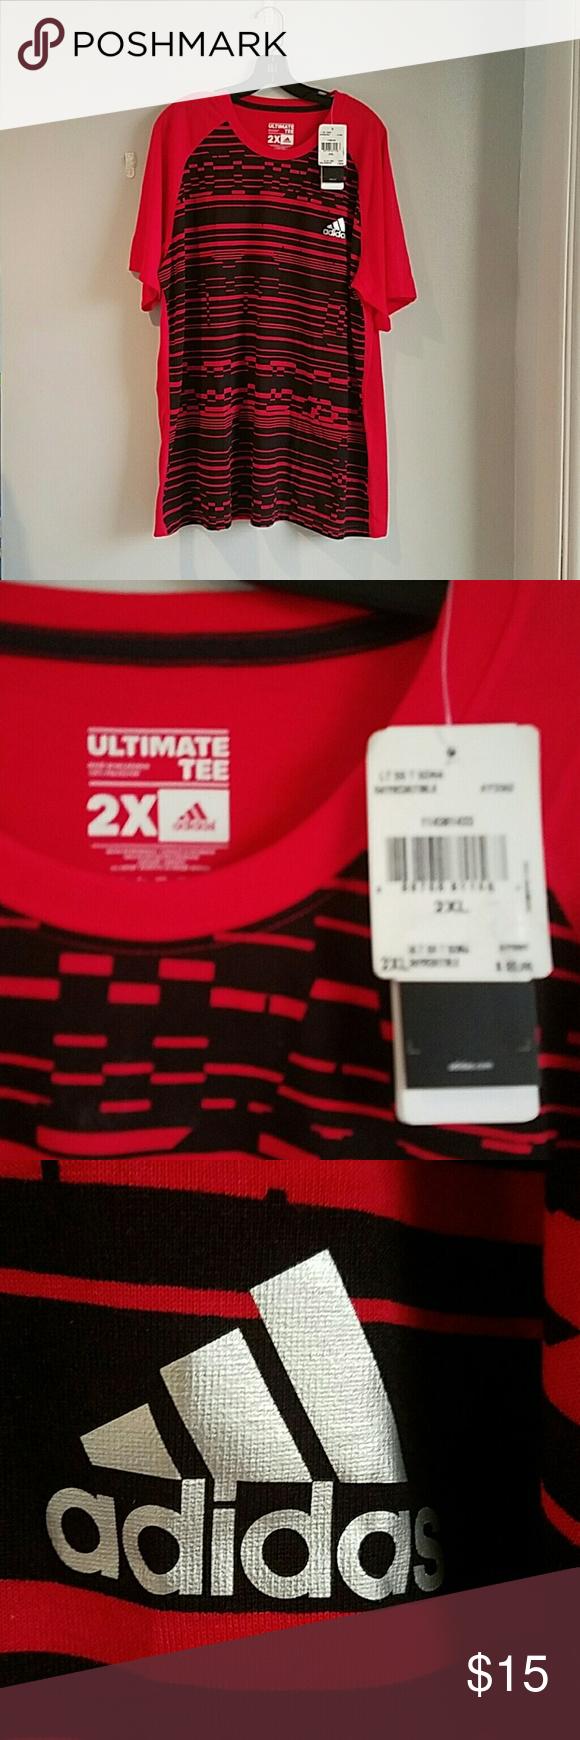 Adidas Ultimate Tshirt Red Shirt Shirt lightweight Tshirt Adidas Shirts Tees - Short Sleeve